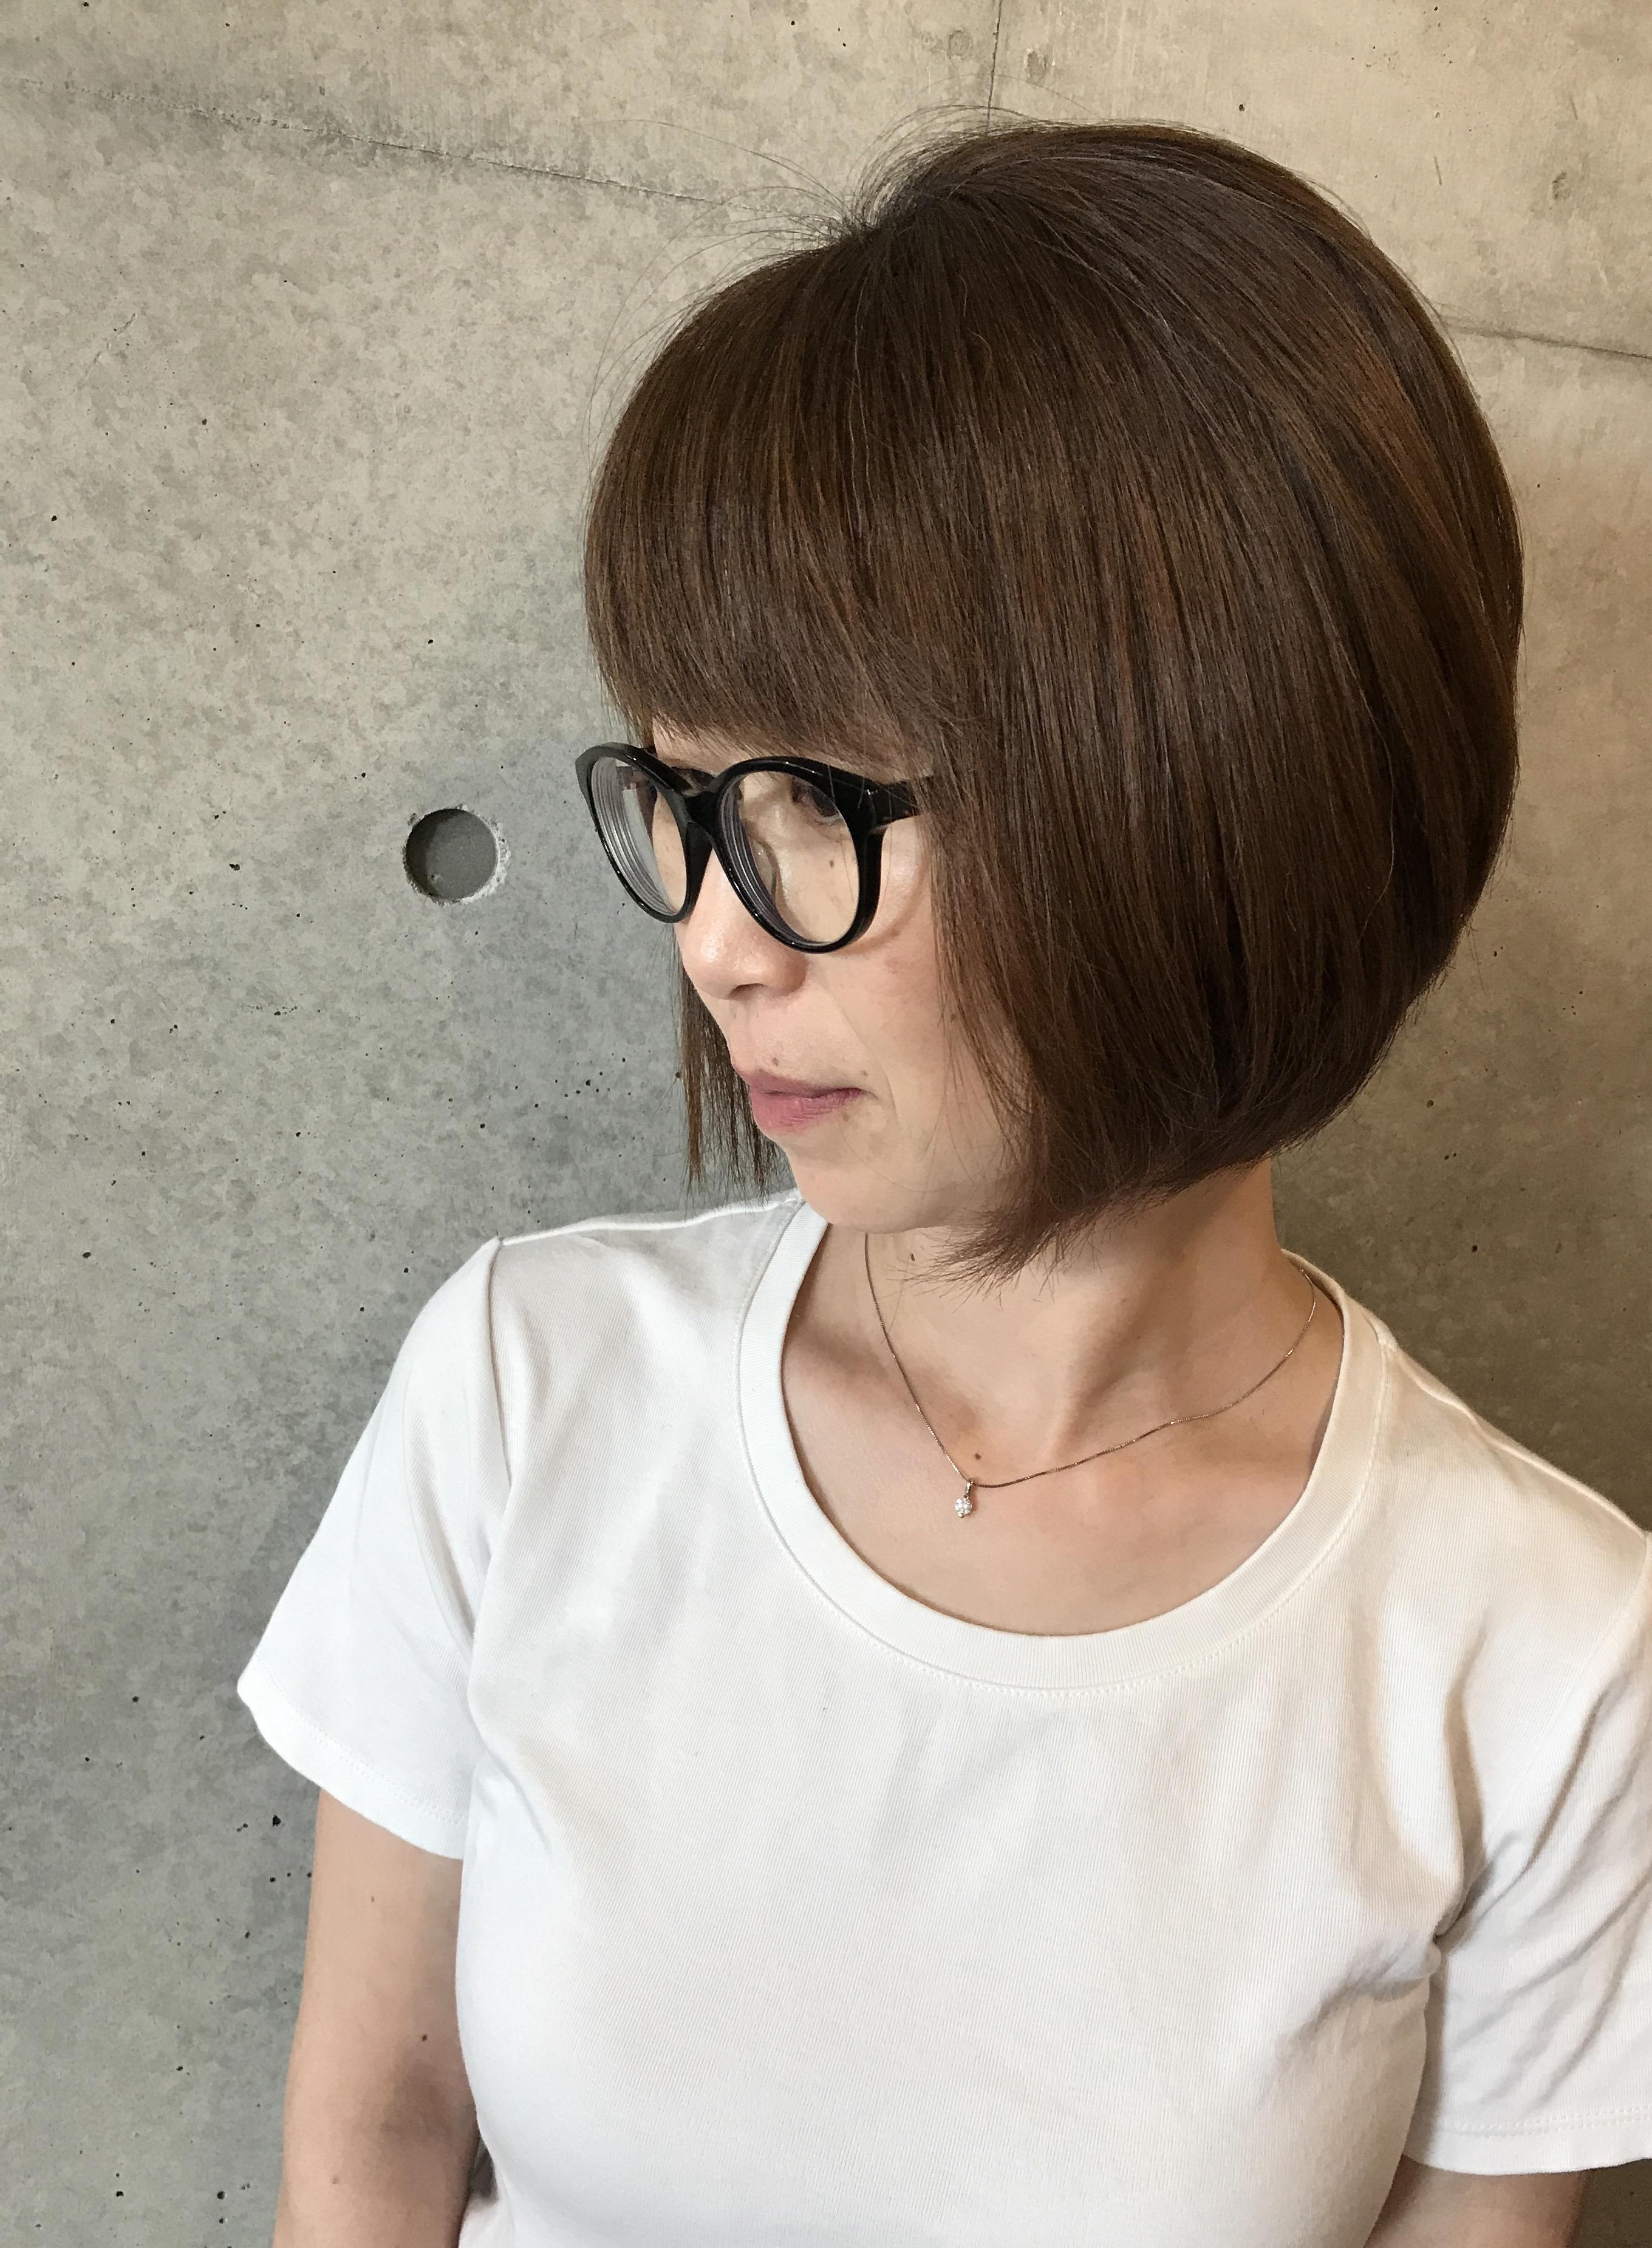 ミセス大人のヘアカタログ★ボブ vol.70